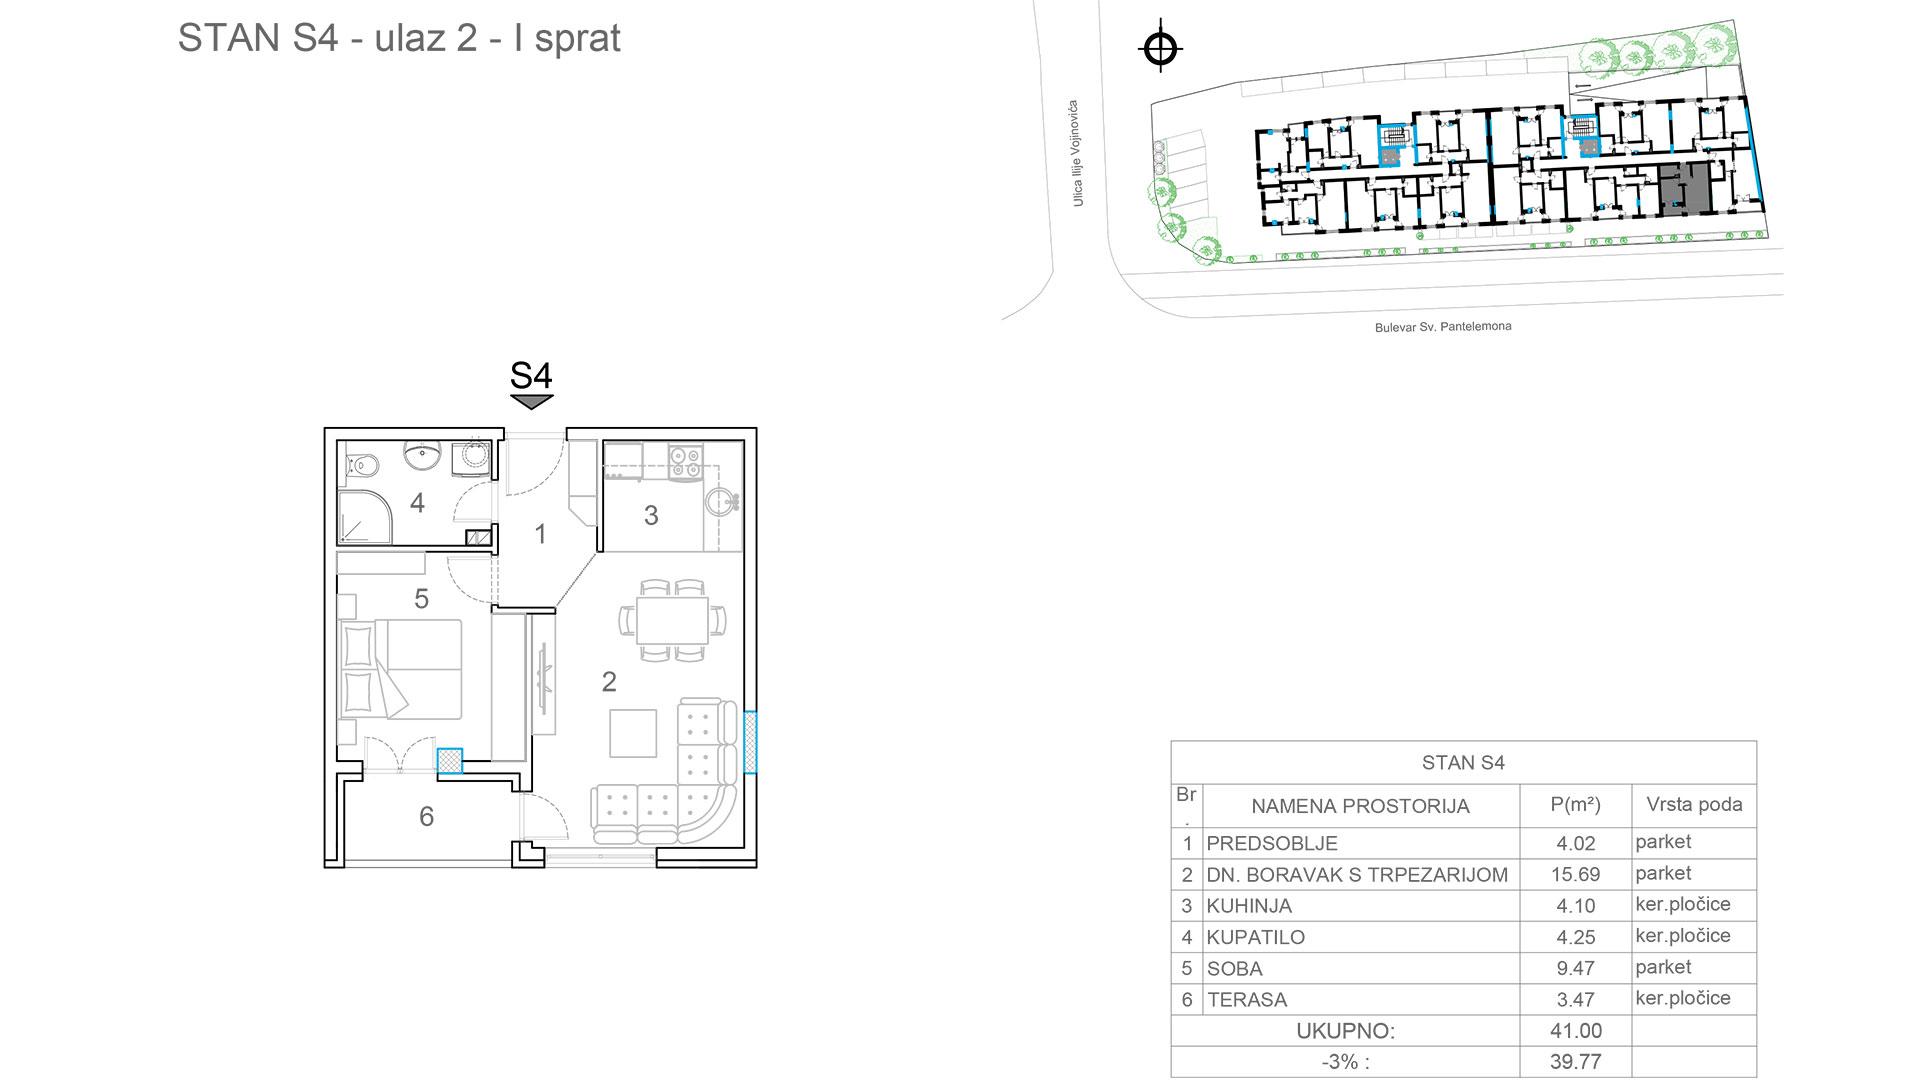 Prodaja stanova Niš - Objekat u Somborskoj bb Ulaz 2 - Stan S4